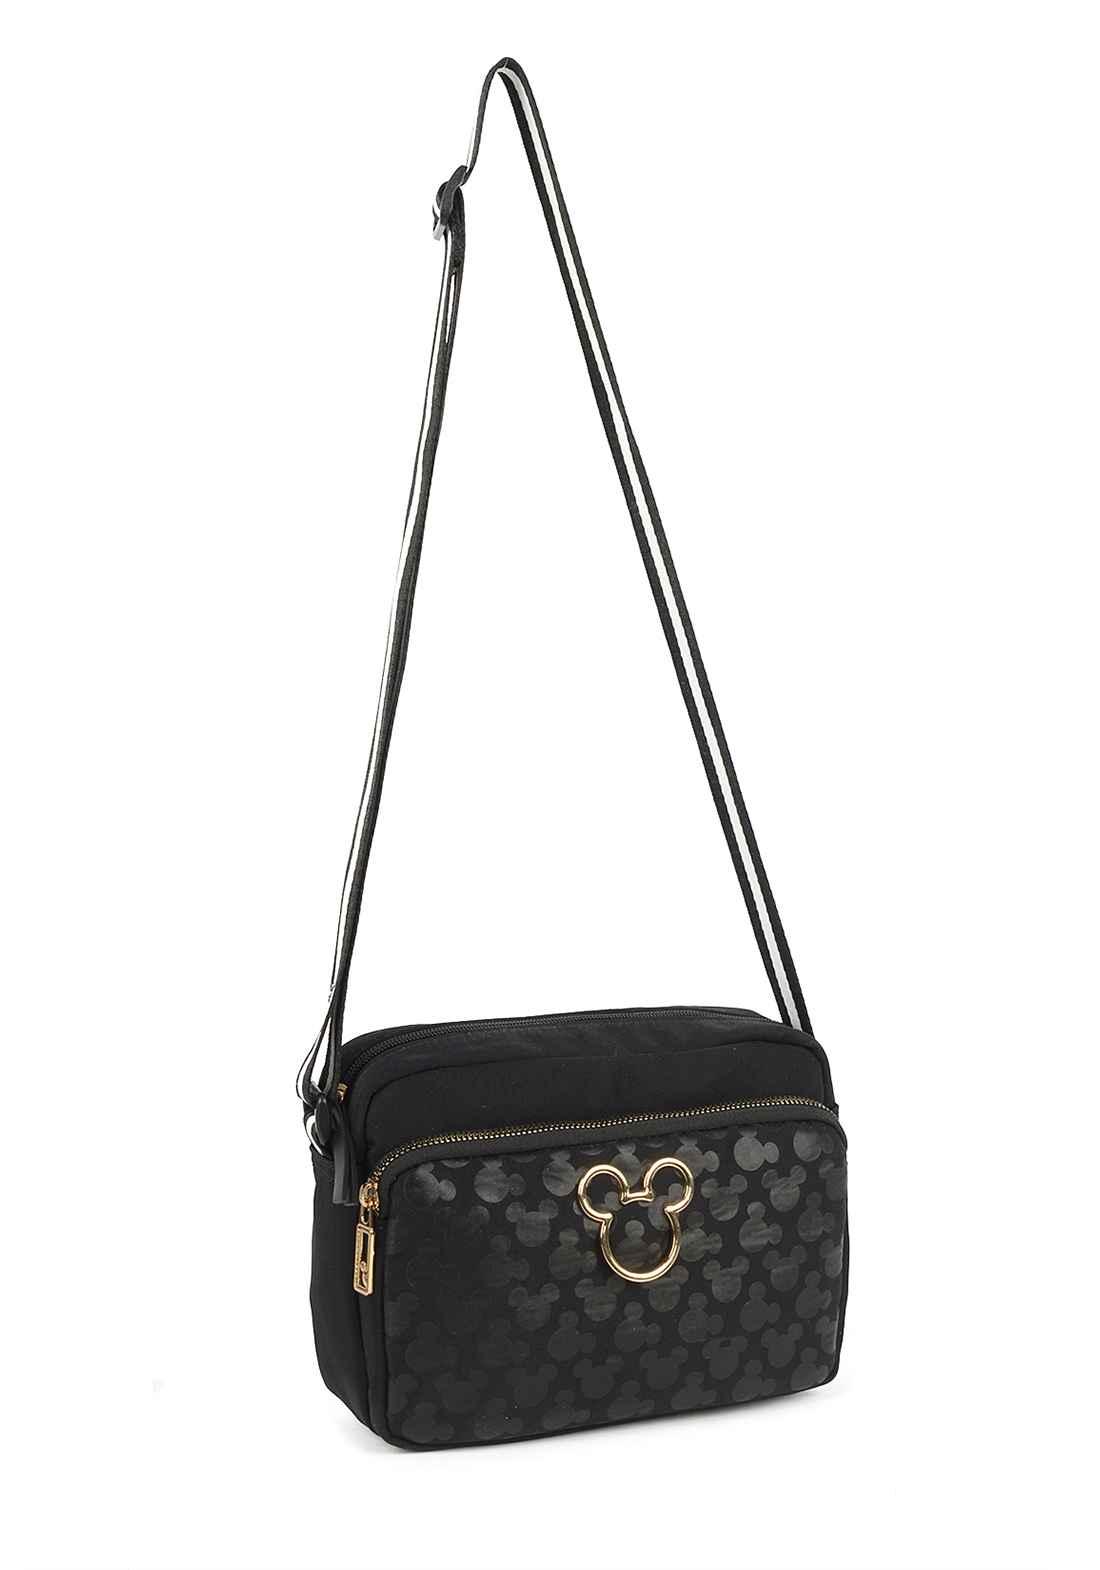 Bolsa Transversal Feminina Mickey Mouse BMK78484